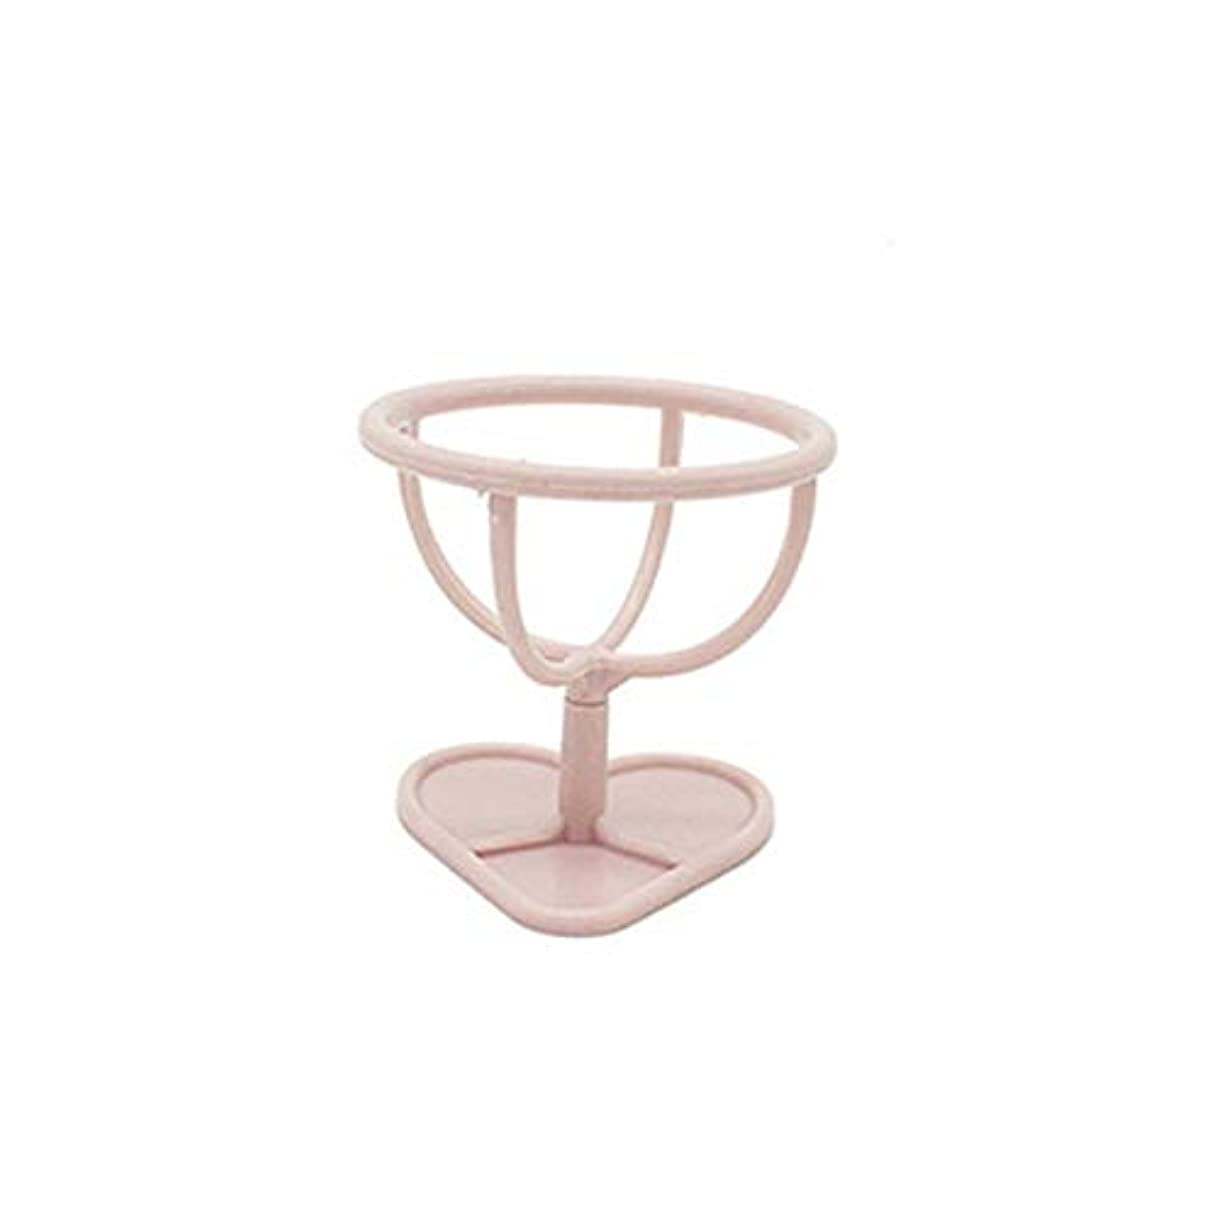 分析的道徳教育公園パフ美容メイクスポンジホルダー化粧品スポンジスタンド卵粉パフ収納ラックドライヤー化粧オーガナイザー棚ツールキット(Color:pink)